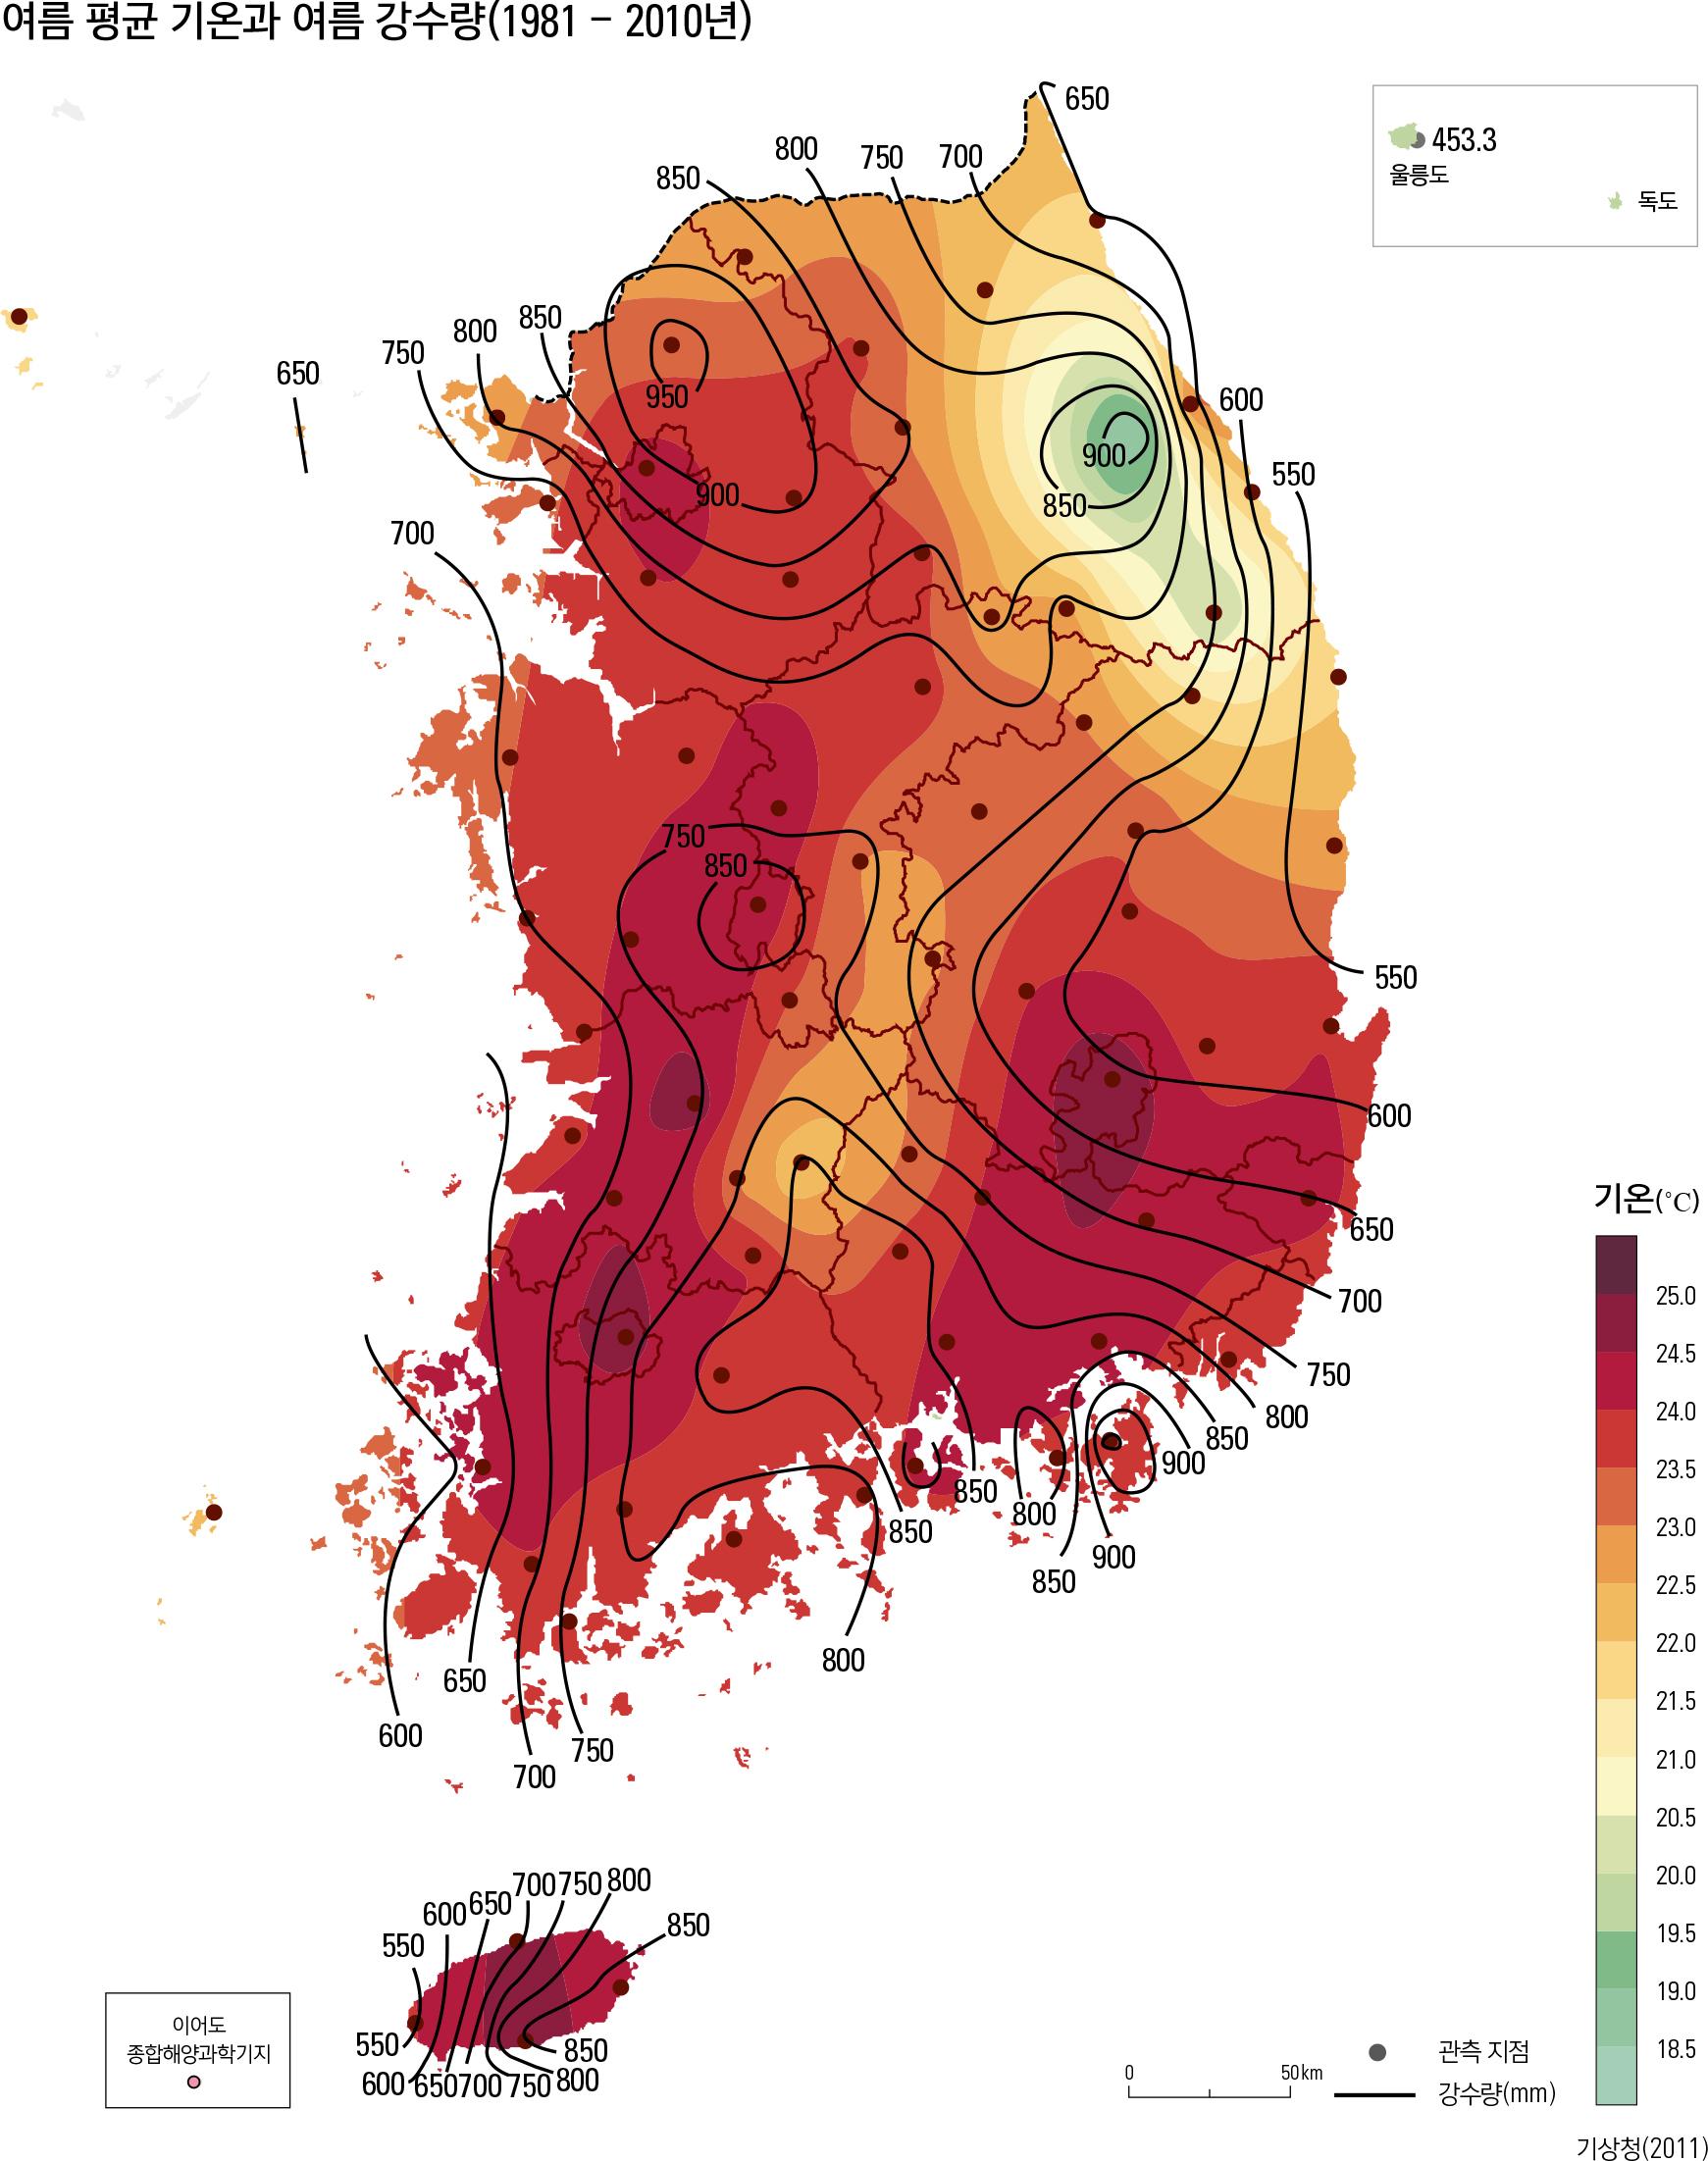 여름 평균 기온과 여름 강수량(1981 - 2010년)